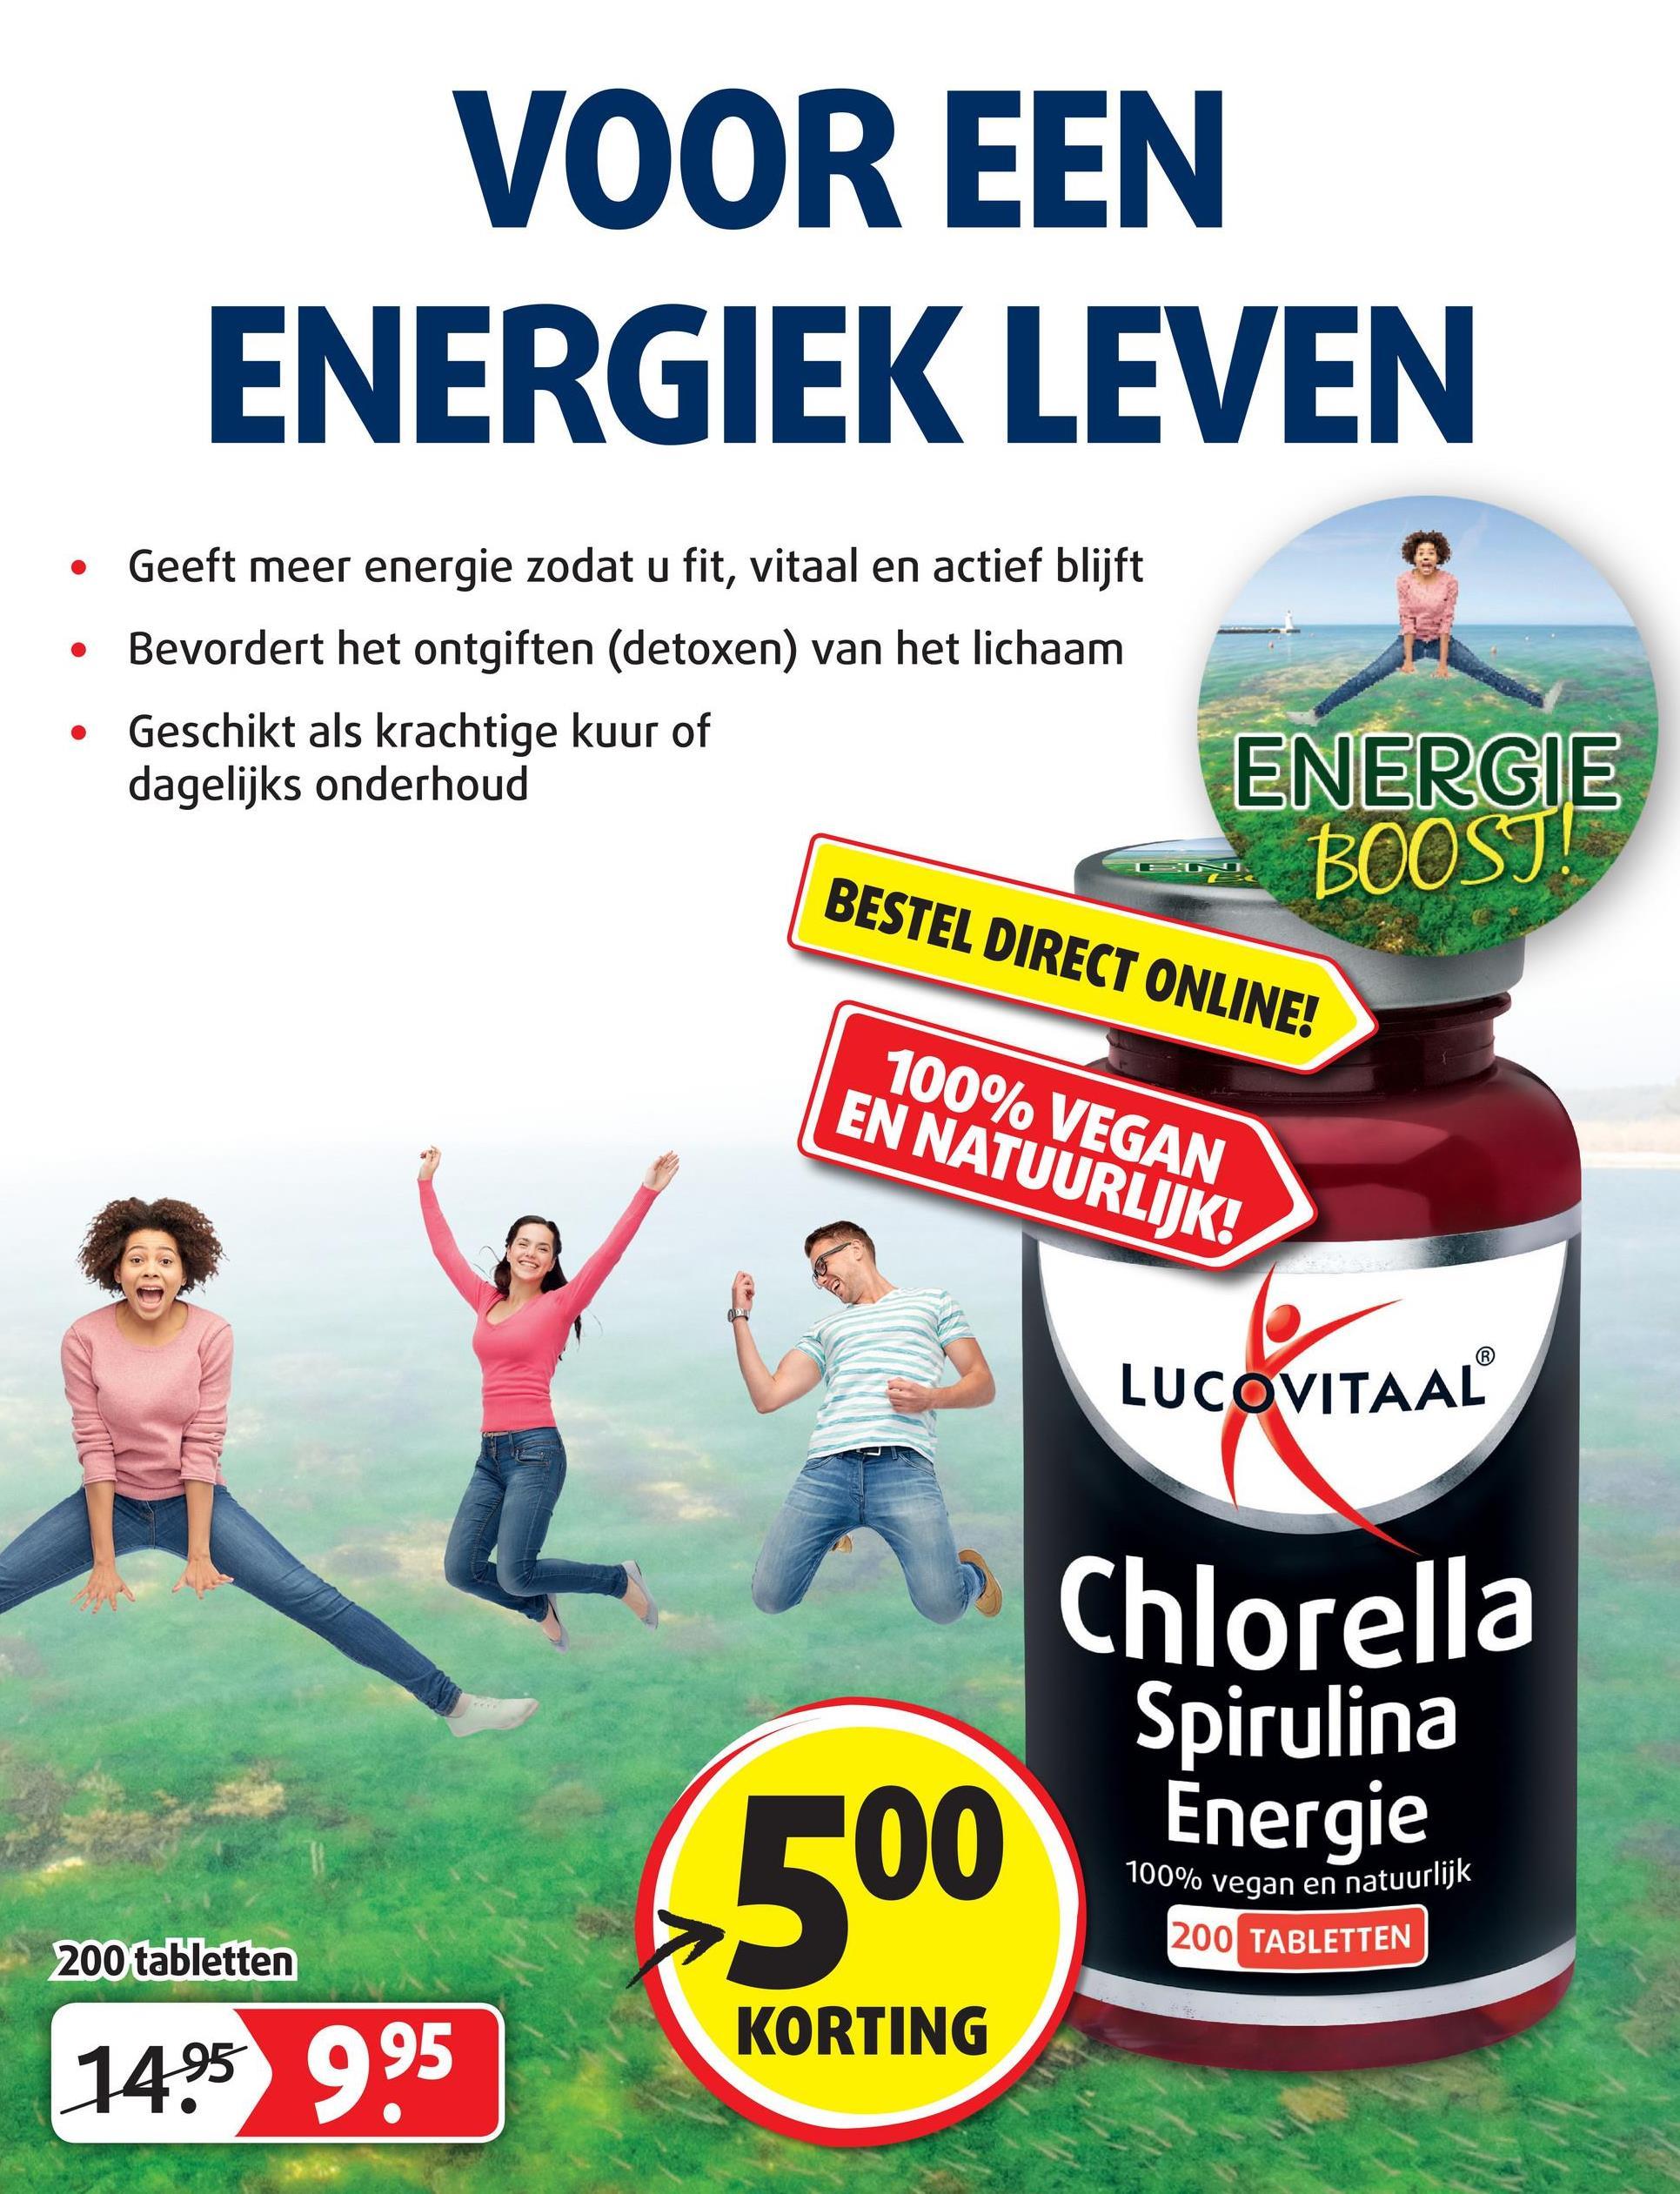 VOOR EEN ENERGIEK LEVEN • Geeft meer energie zodat u fit, vitaal en actief blijft • Bevordert het ontgiften (detoxen) van het lichaam • Geschikt als krachtige kuur of dagelijks onderhoud TO ENERGIE BOOST! BESTEL DIRECT ONLINE! 100% VEGAN EN NATUURLIJK! LUCOVITAAL Chlorella Spirulina Energie 00 100% vegan en natuuri 200 TABLETTEN 200 tabletten KORTING 1495 995